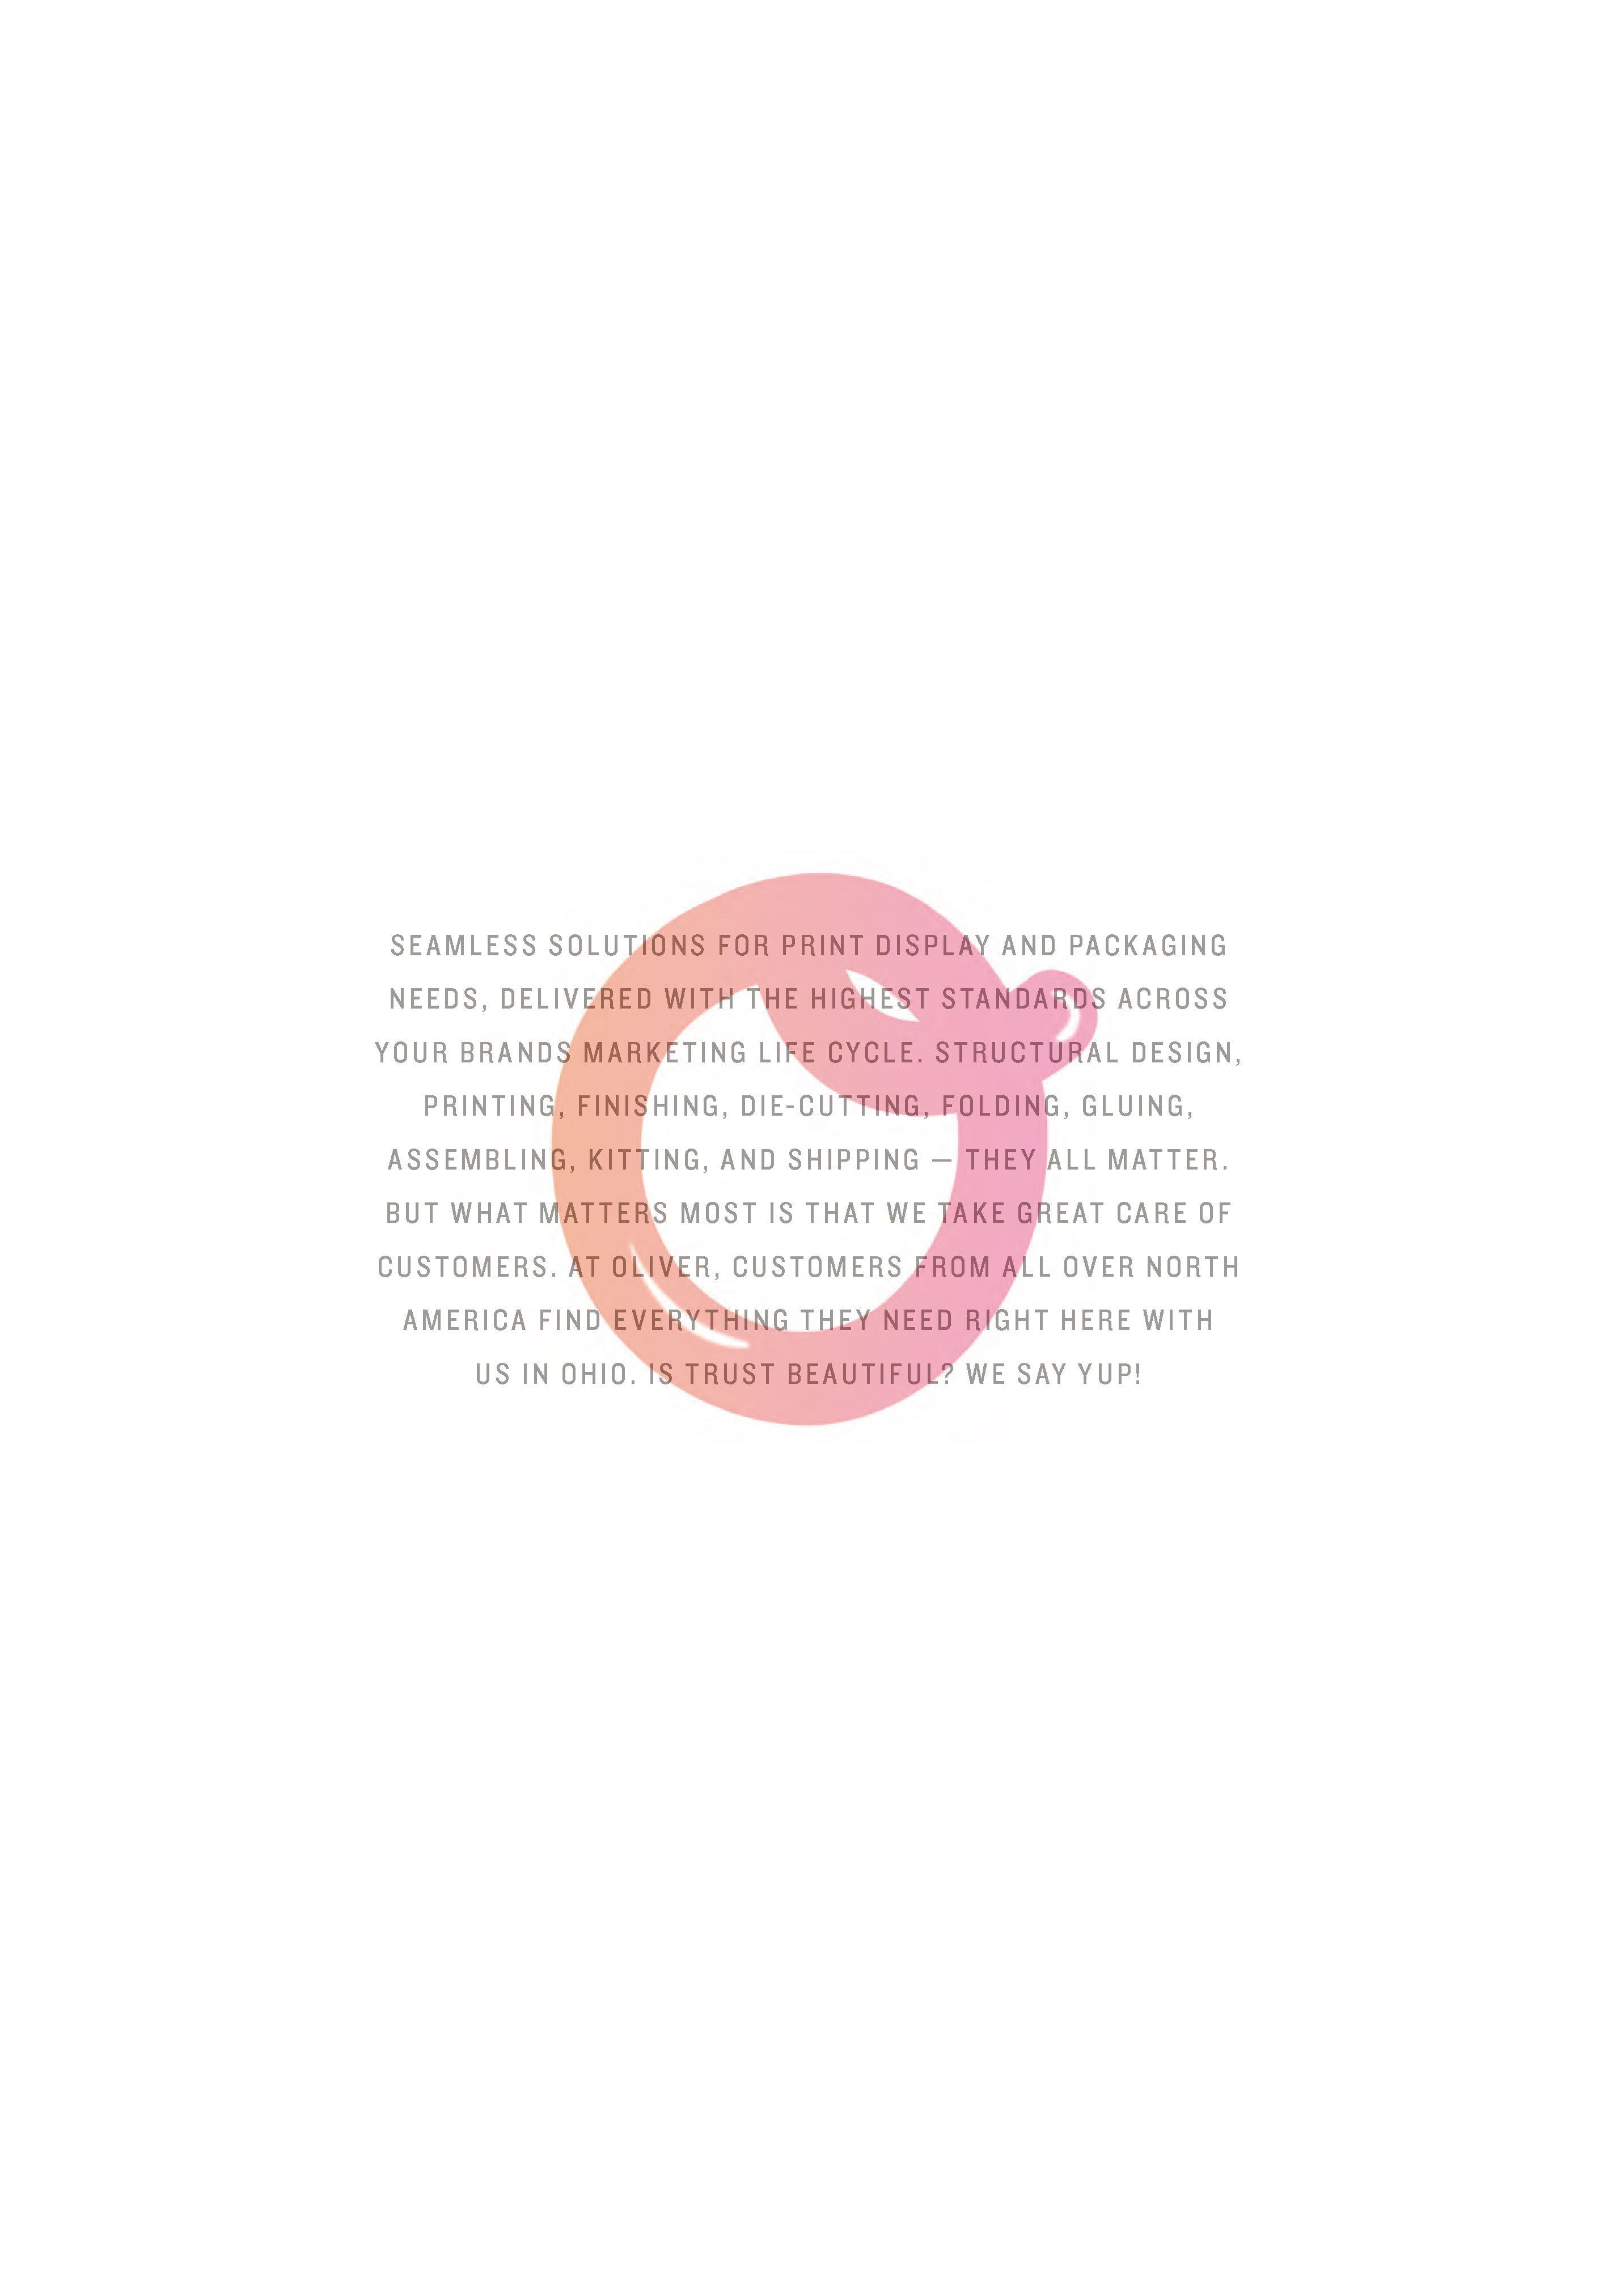 http://oliverprinting.com/wp-content/uploads/Oliver-2017-Lookbook_Page_05.jpg